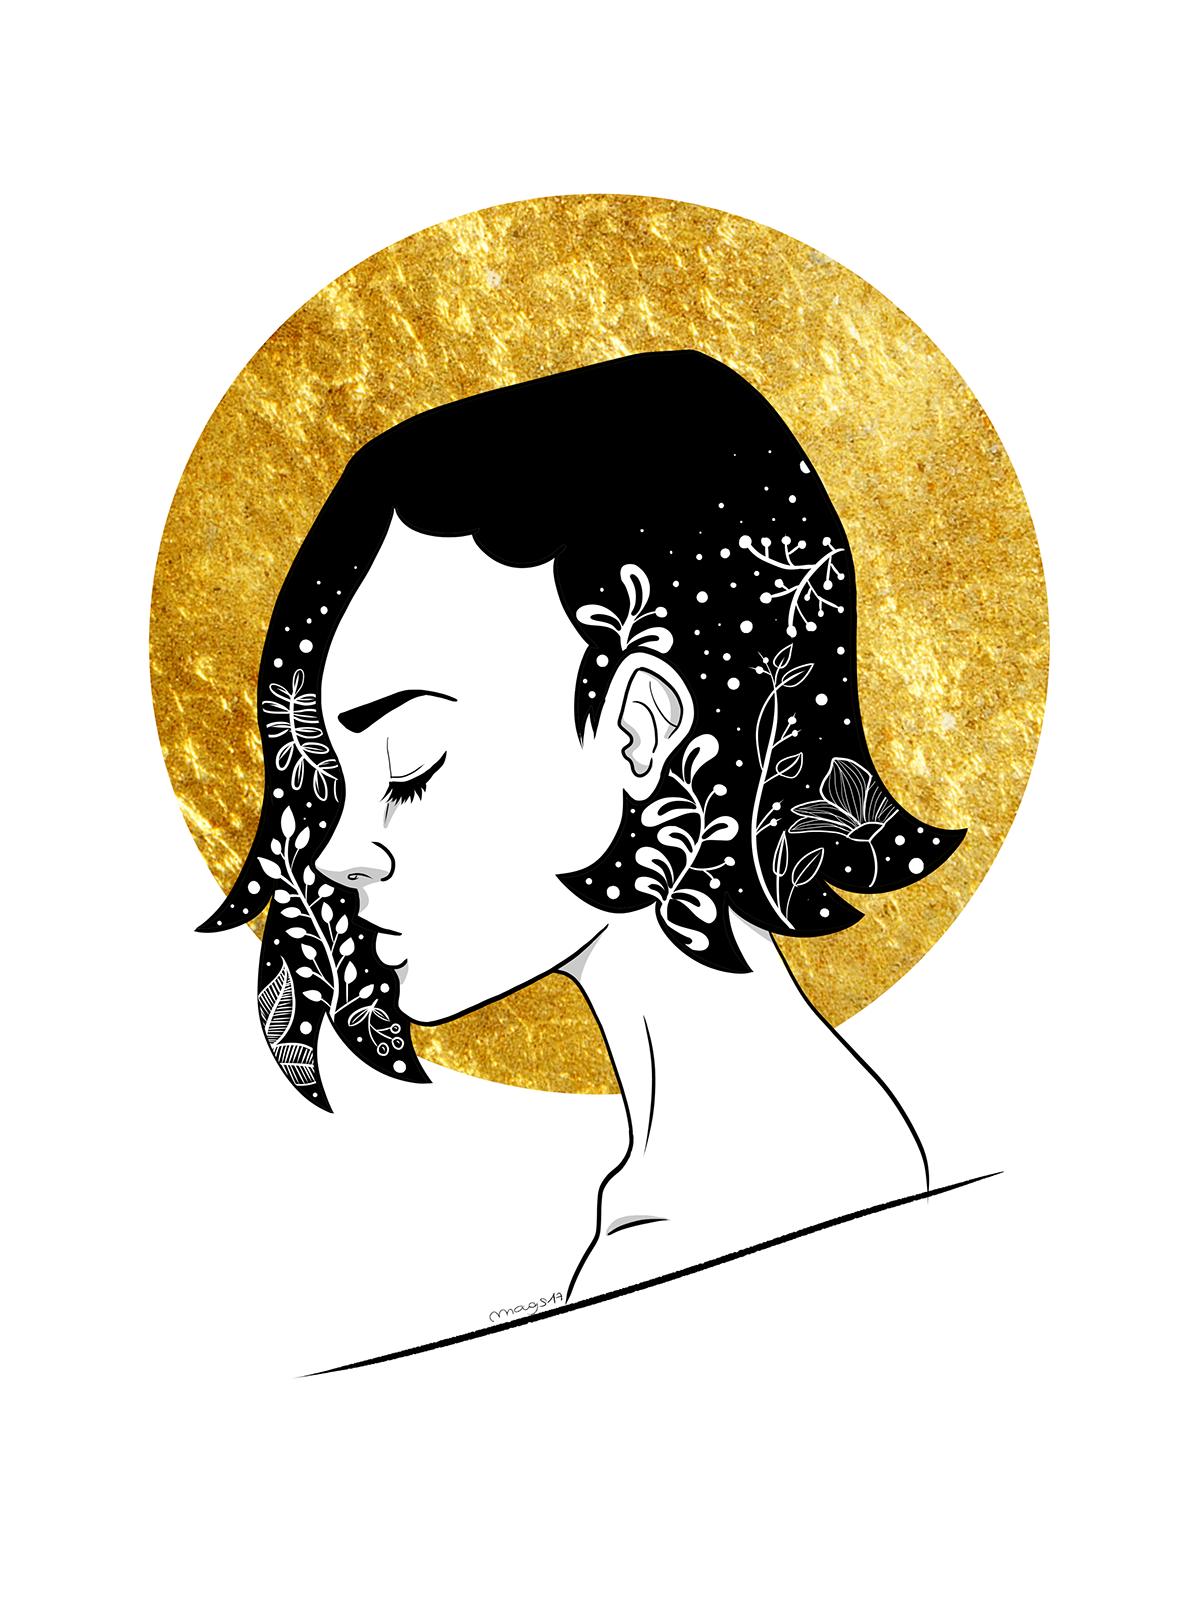 Golden Girls on Behance